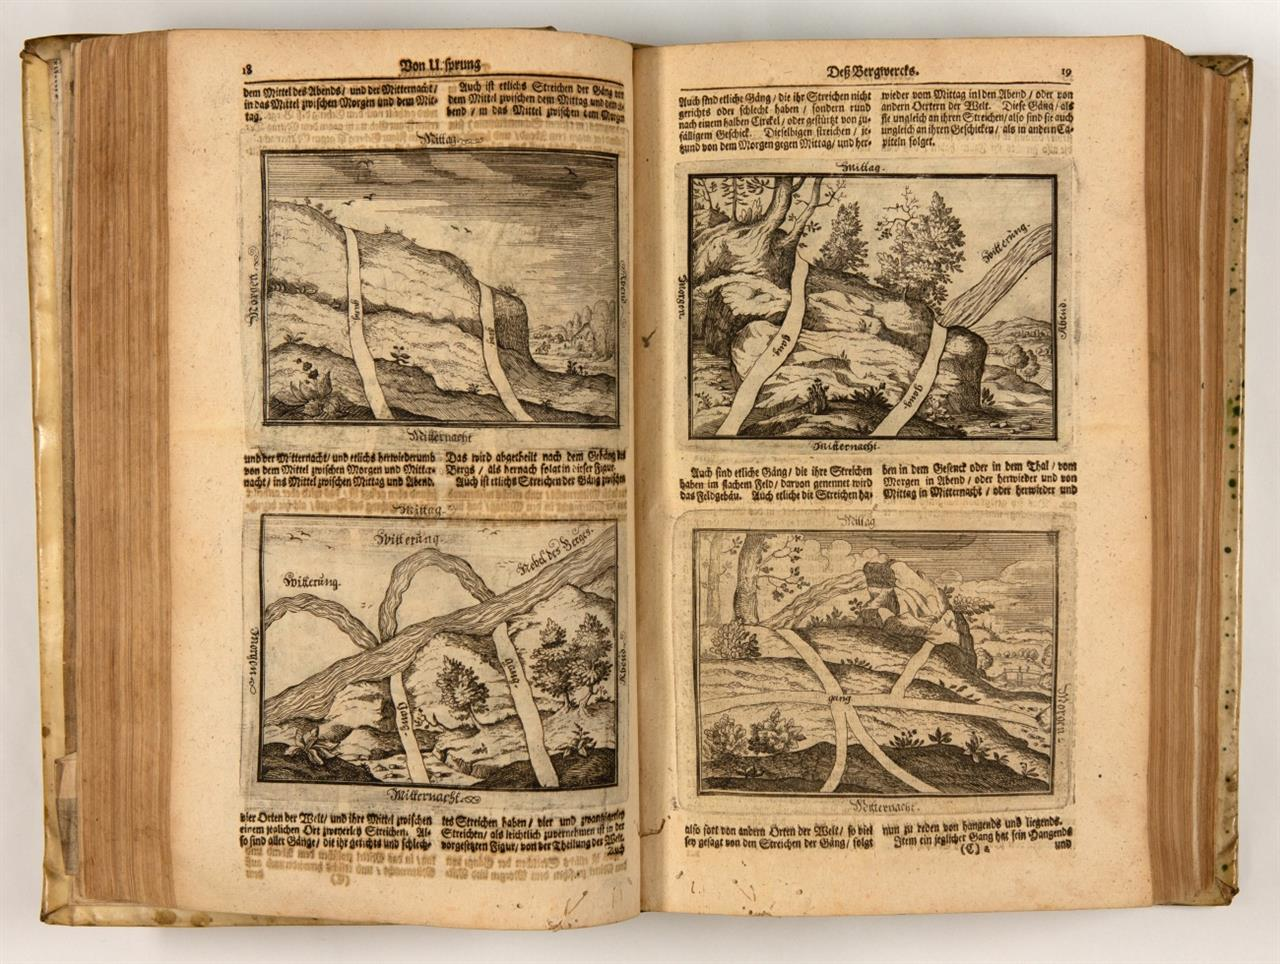 Corpus Iuris & Systema rerum Metallicarum, oder: Neu-verfaßtes Berg-Buch. Frankfurt a. M. 1698. + angebunden: G. E. Löhneysen, Bericht von Bergwercken... Stockholm und Hbg 1690.